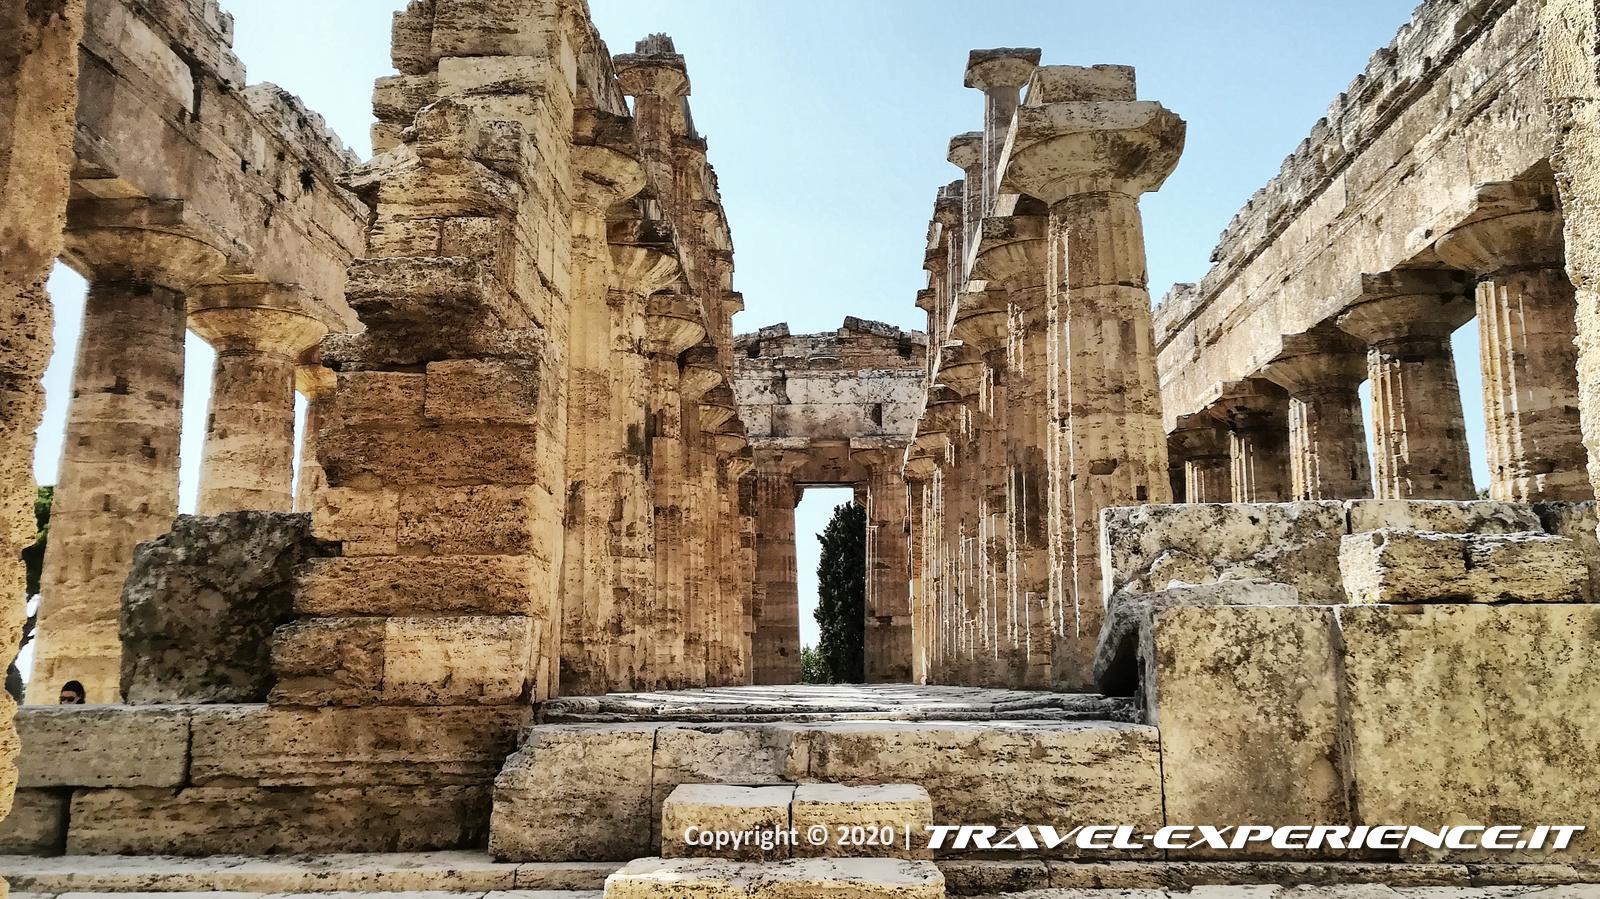 Naos del tempio di Nettuno nel parco archeologico di Paestum